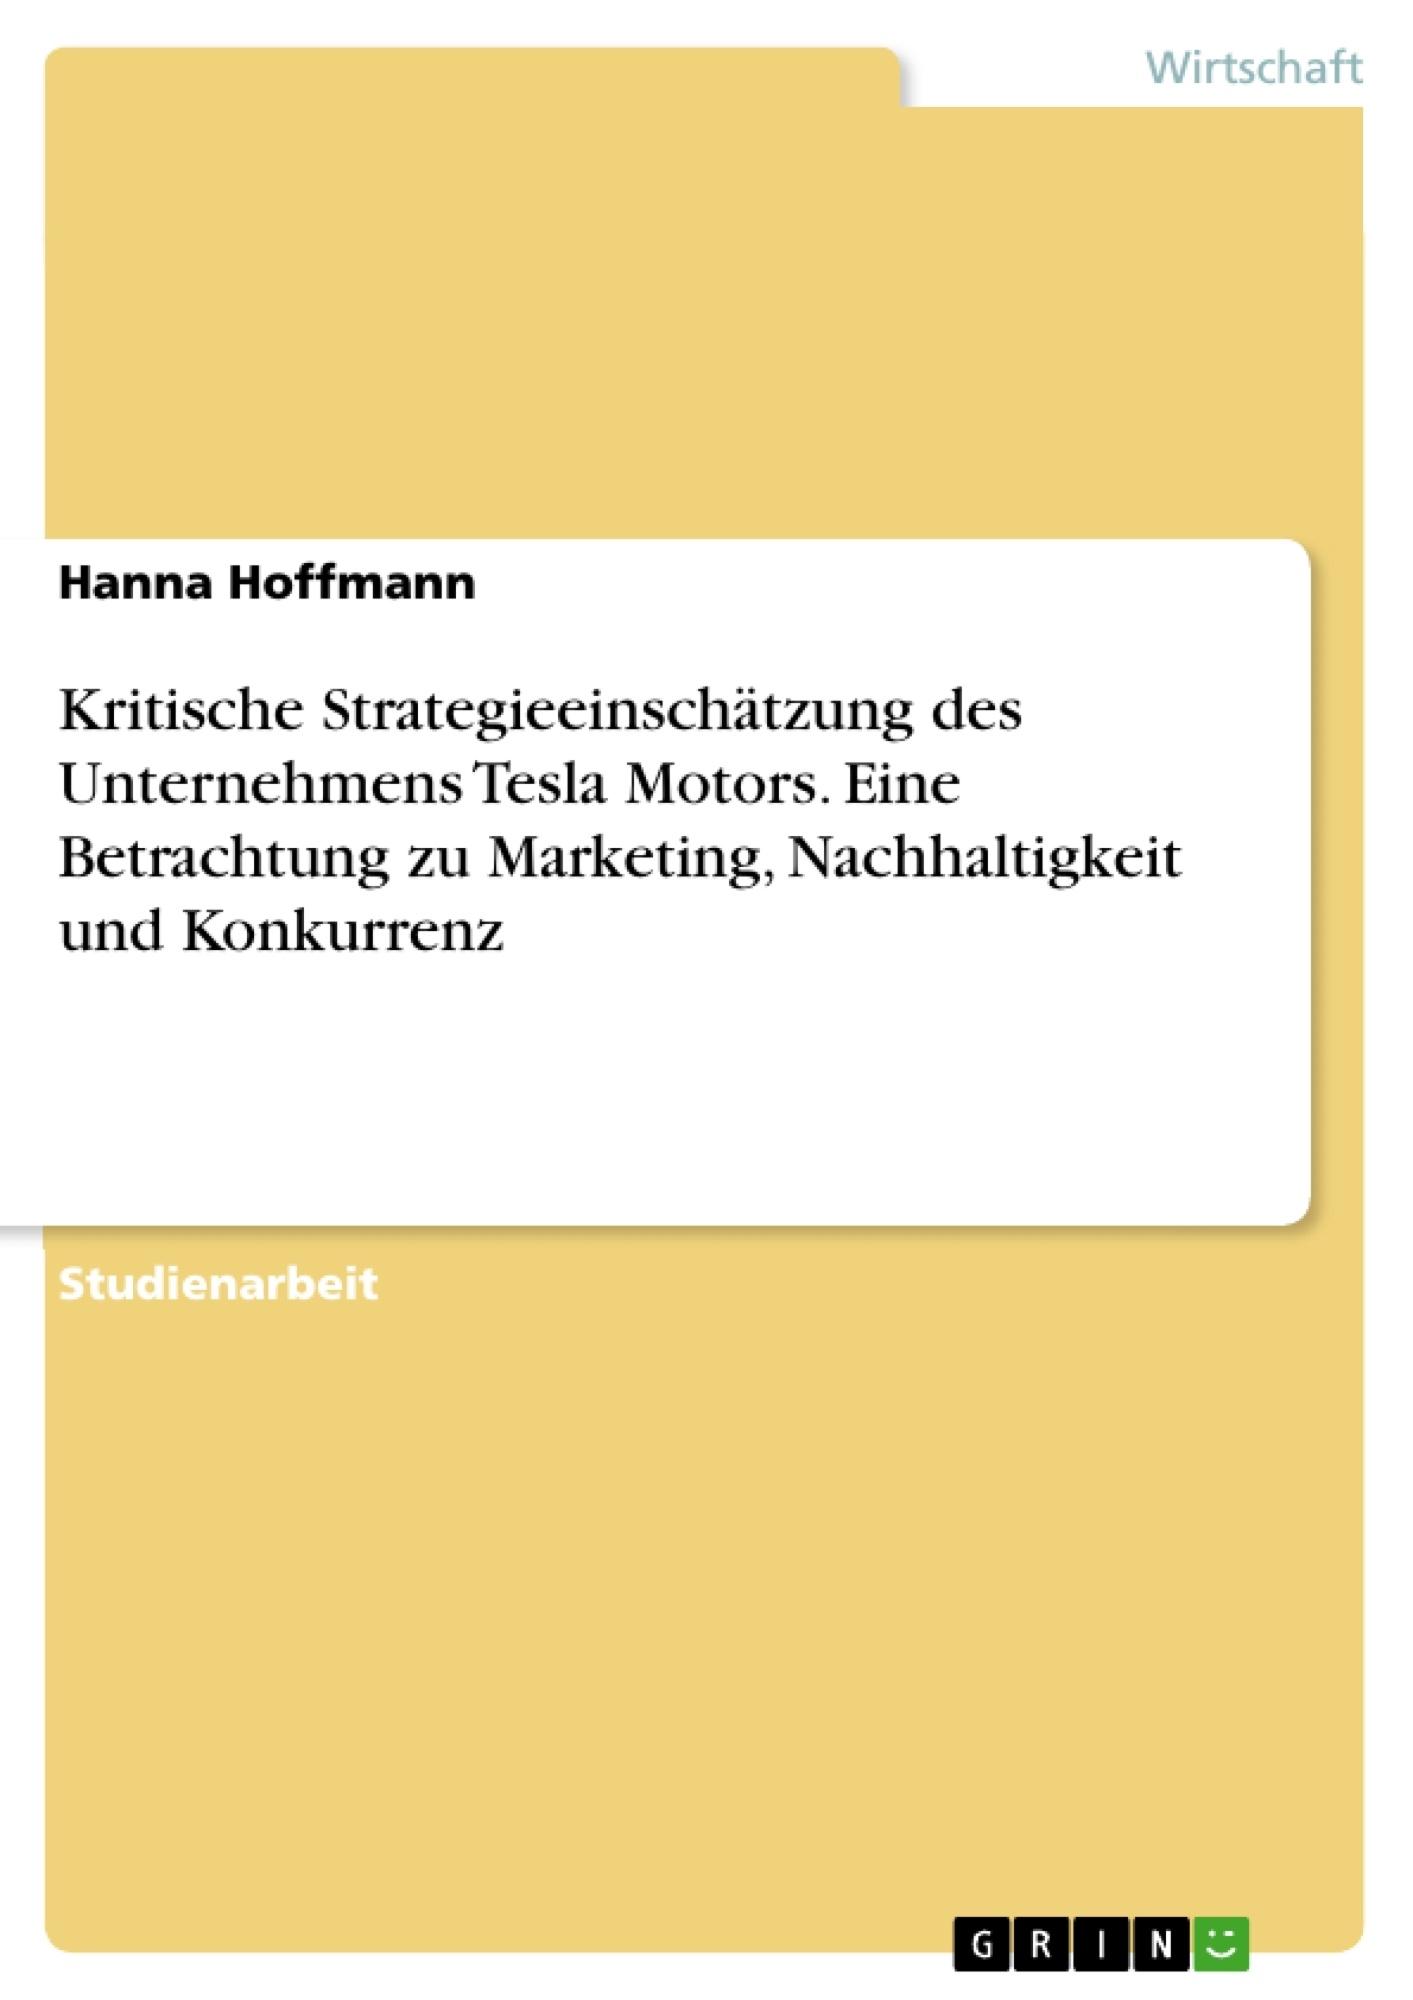 Titel: Kritische Strategieeinschätzung des Unternehmens Tesla Motors. Eine Betrachtung zu Marketing, Nachhaltigkeit und Konkurrenz